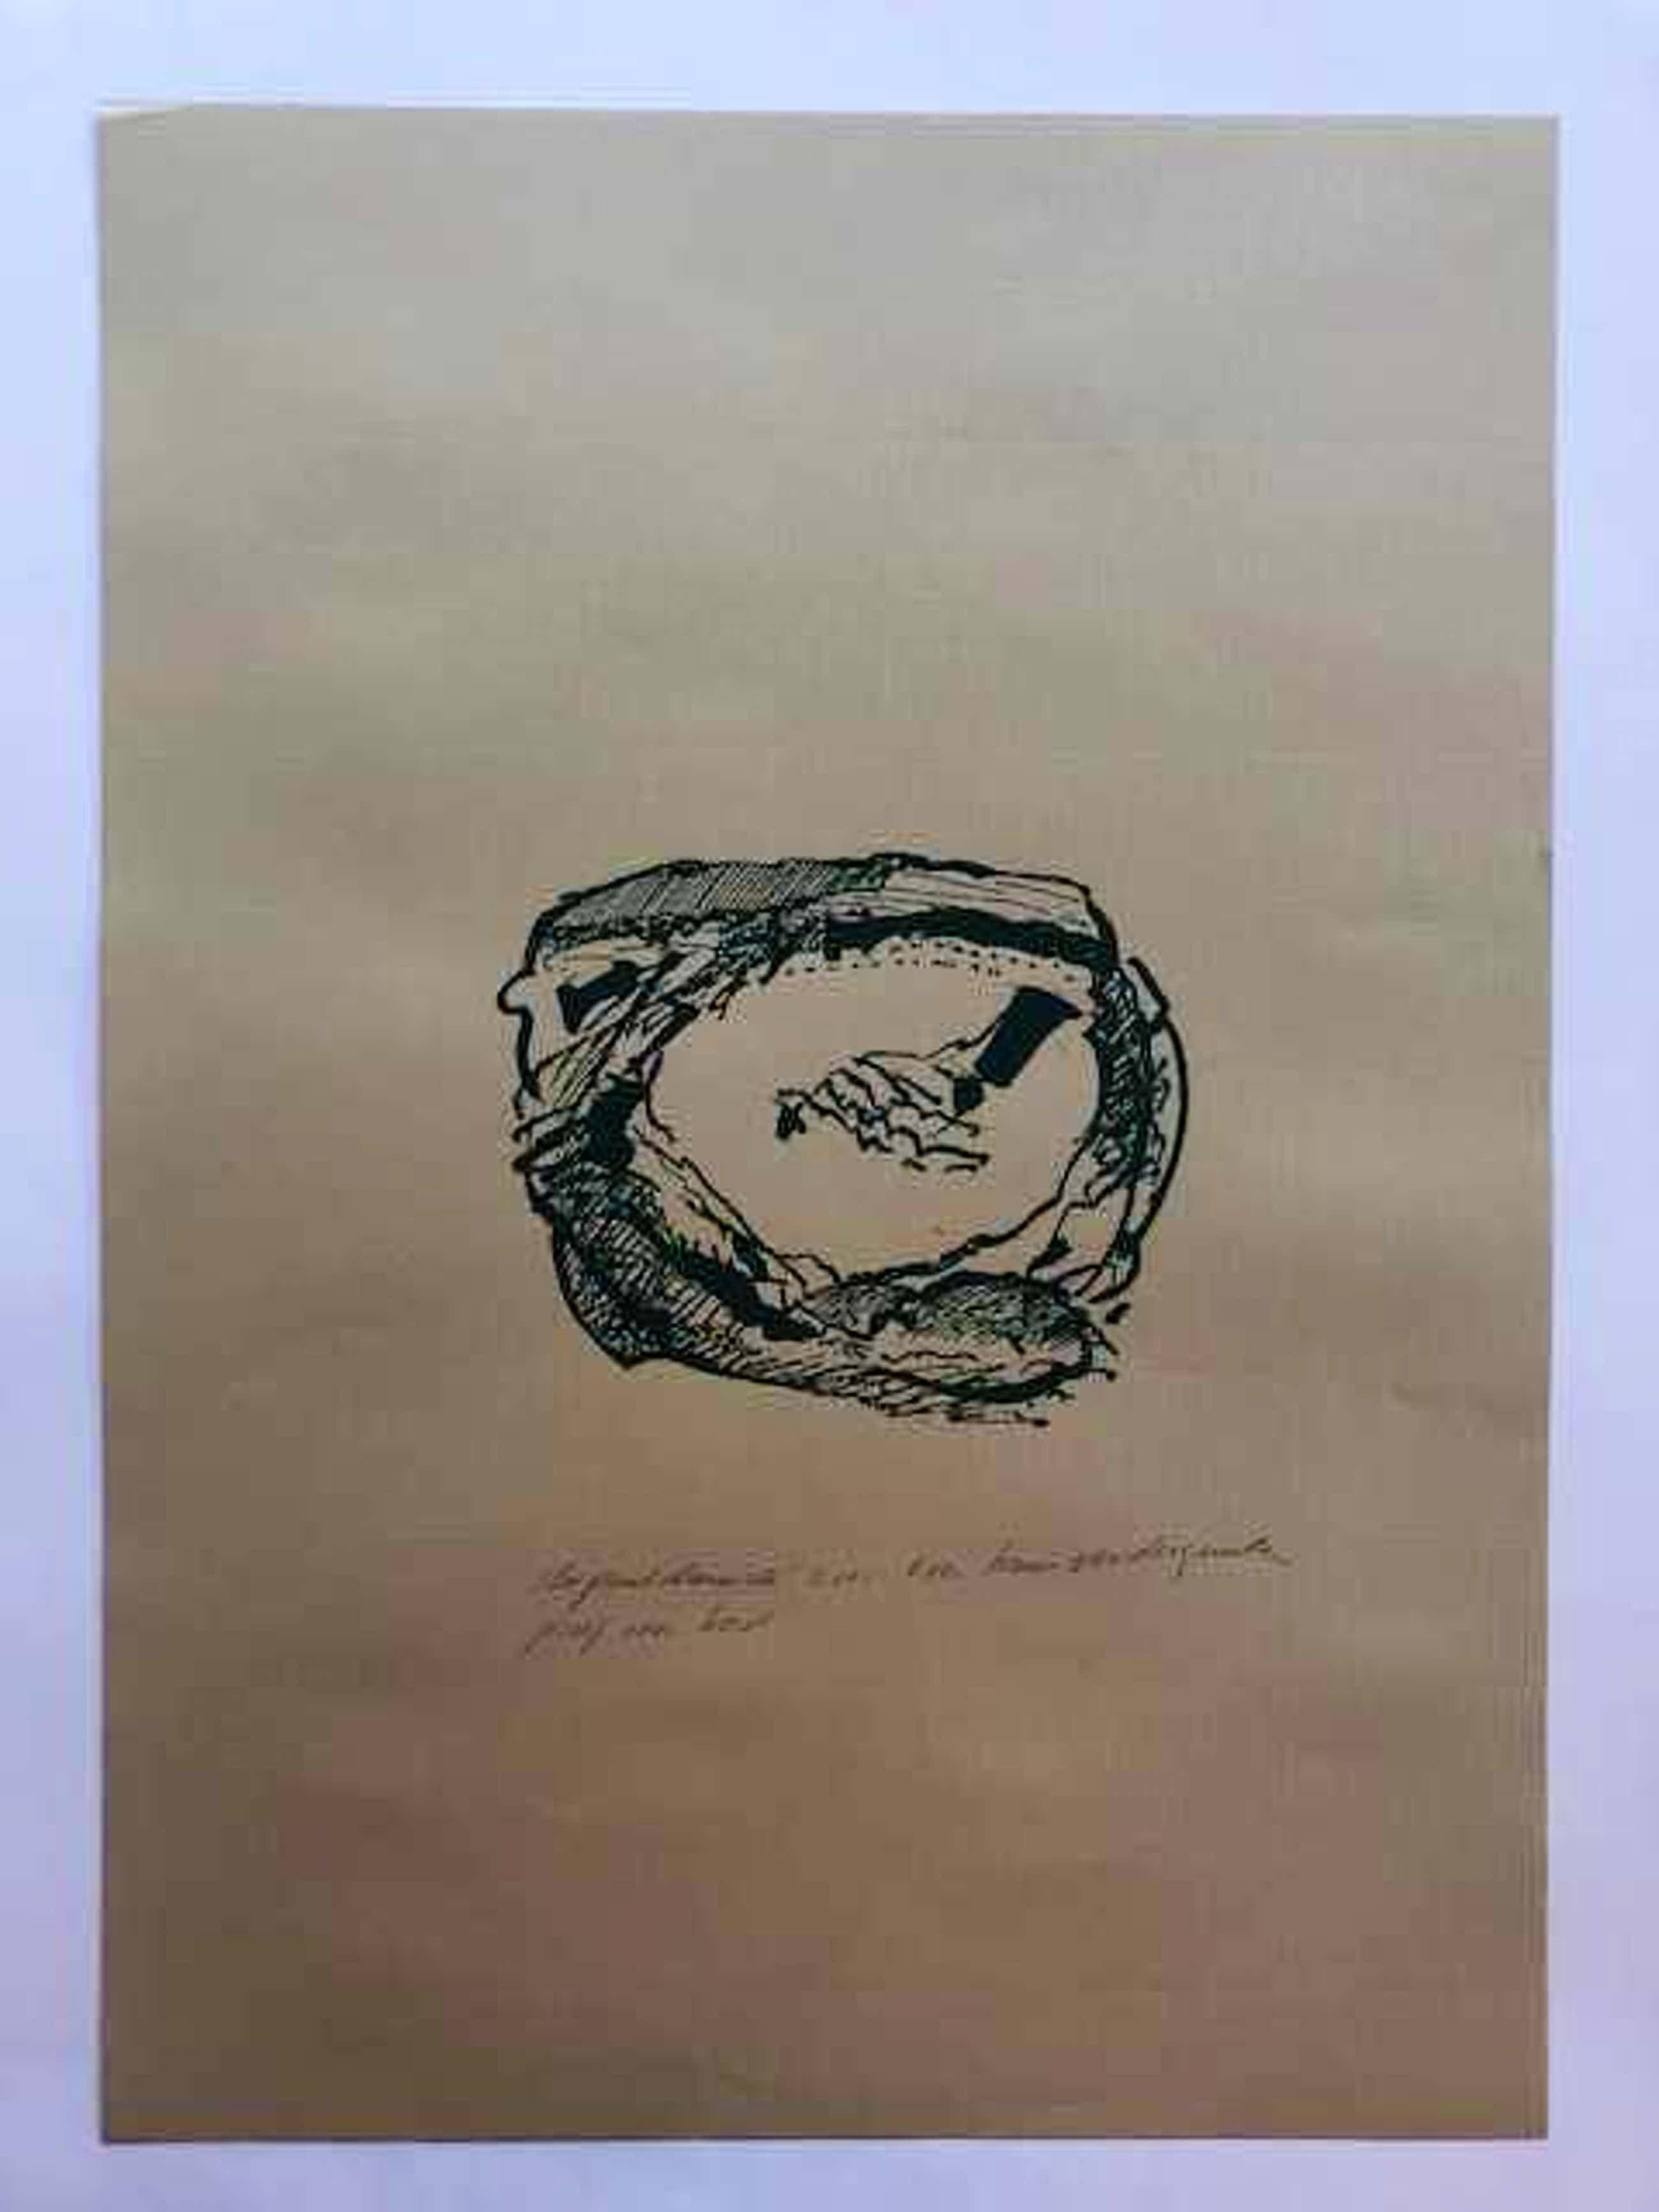 Christiaan Paul Damste - Compositie - 2001 kopen? Bied vanaf 40!